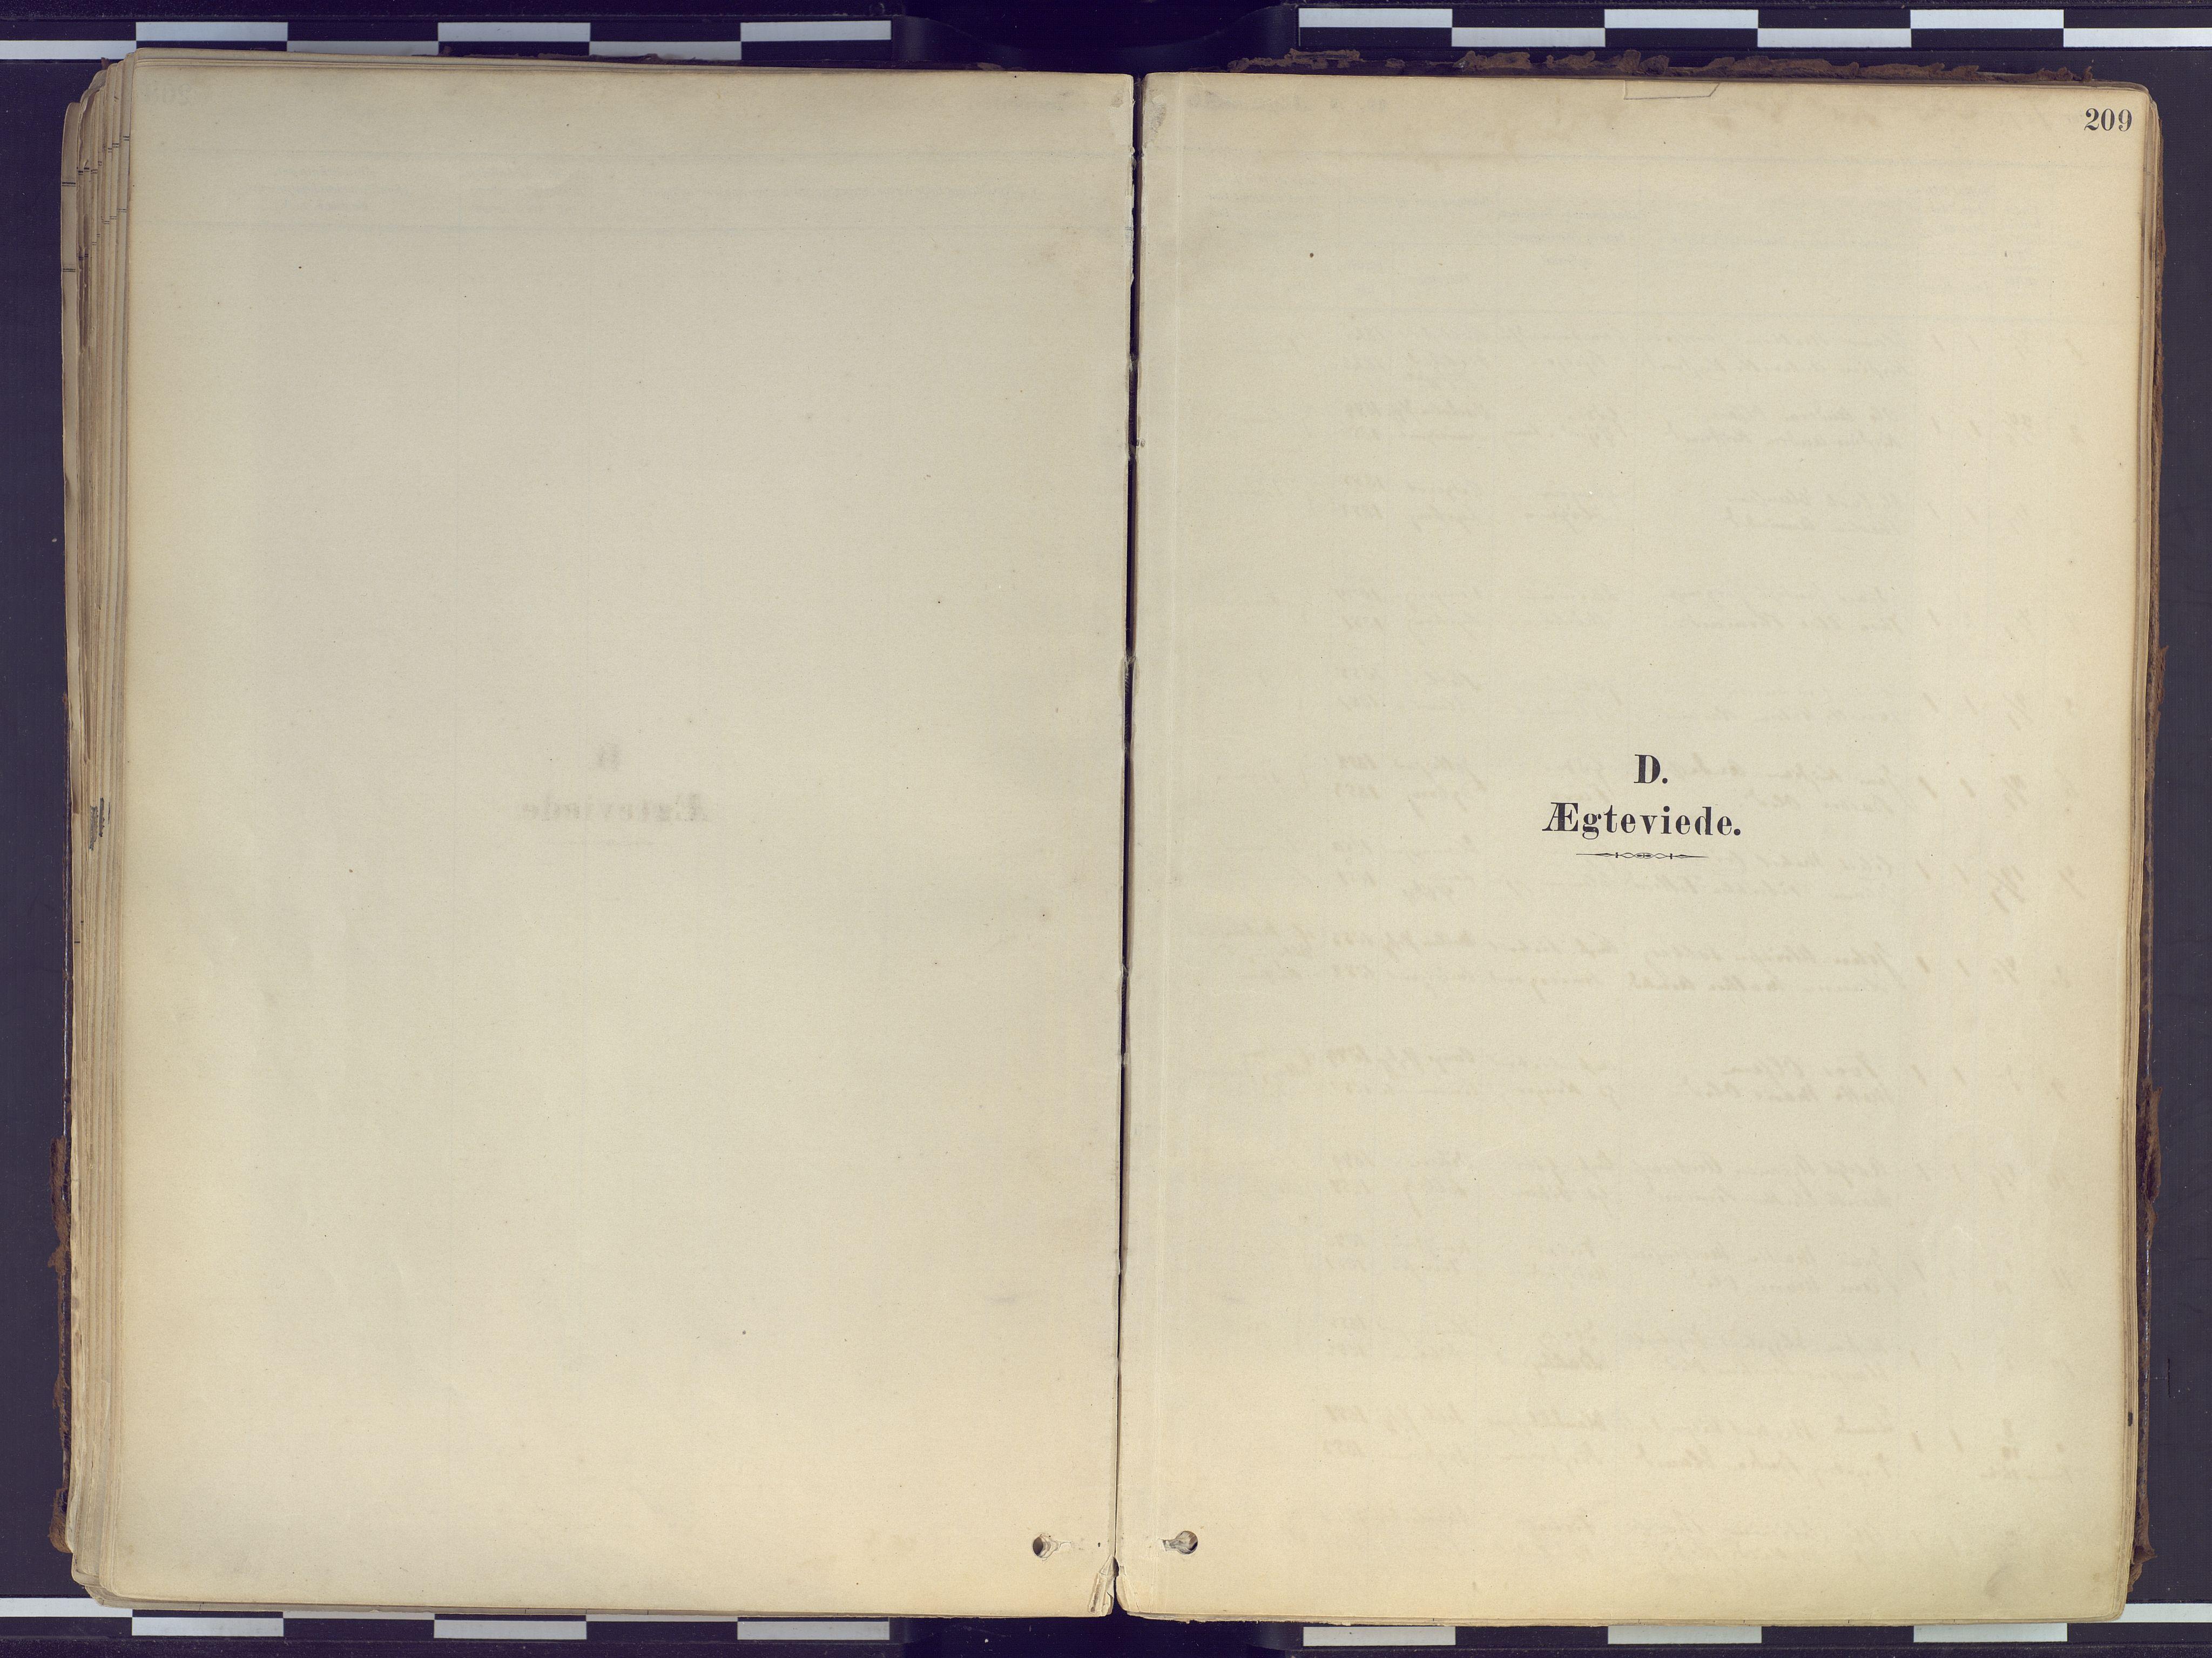 SATØ, Tranøy sokneprestkontor, I/Ia/Iaa/L0010kirke: Parish register (official) no. 10, 1878-1904, p. 209